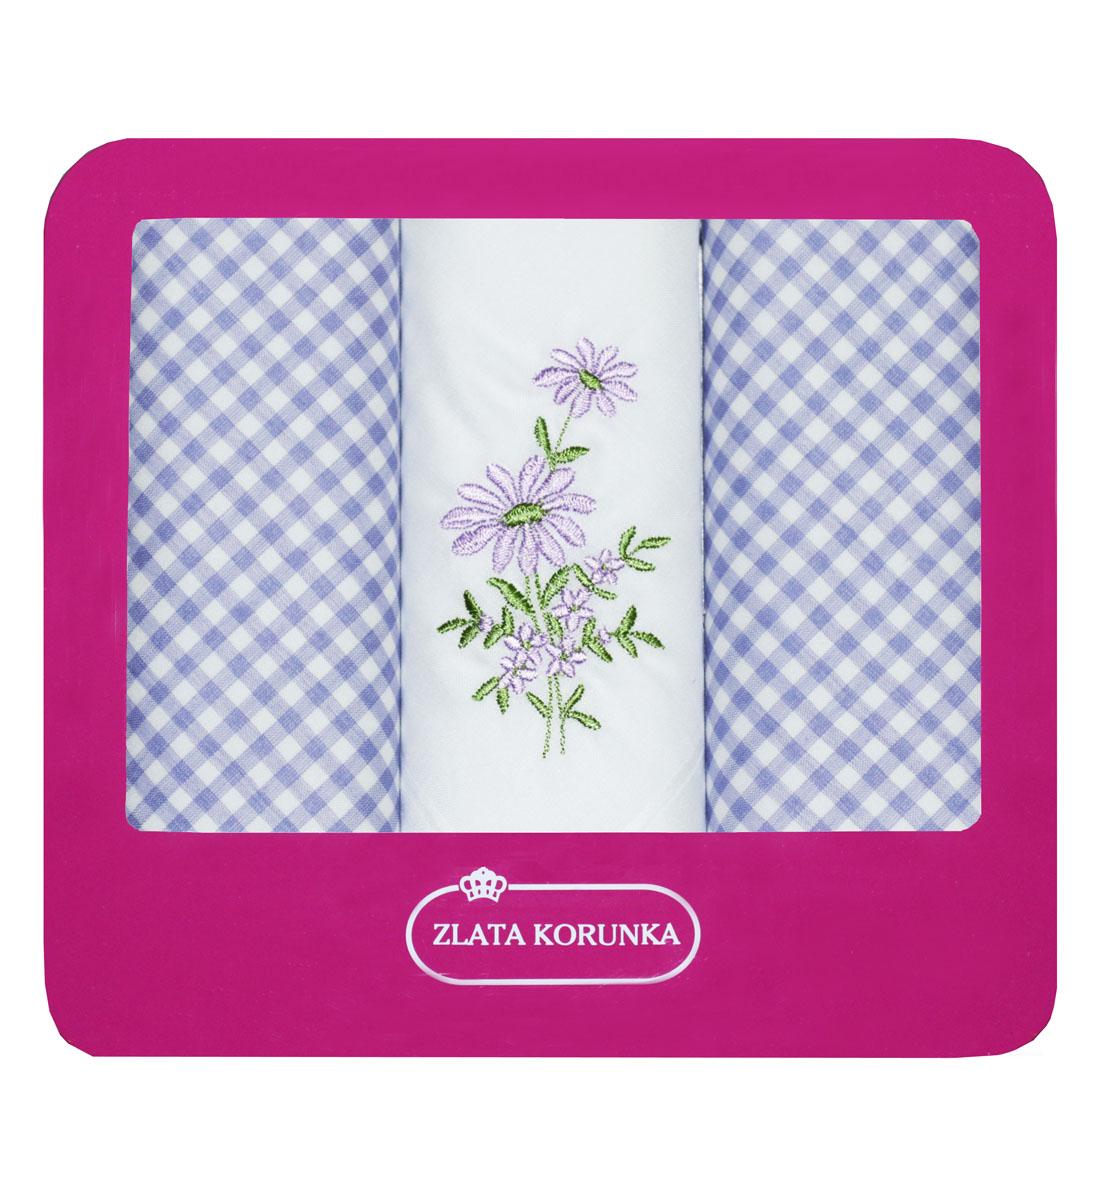 90330-4 Zlata Korunka Носовой платок женский, цвет: мультиколор, 29х29 см, 3 шт90330-4Платки носовые женские в упаковке по 3 шт. Носовые платки изготовлены из 100% хлопка, так как этот материал приятен в использовании, хорошо стирается, не садится, отлично впитывает влагу.